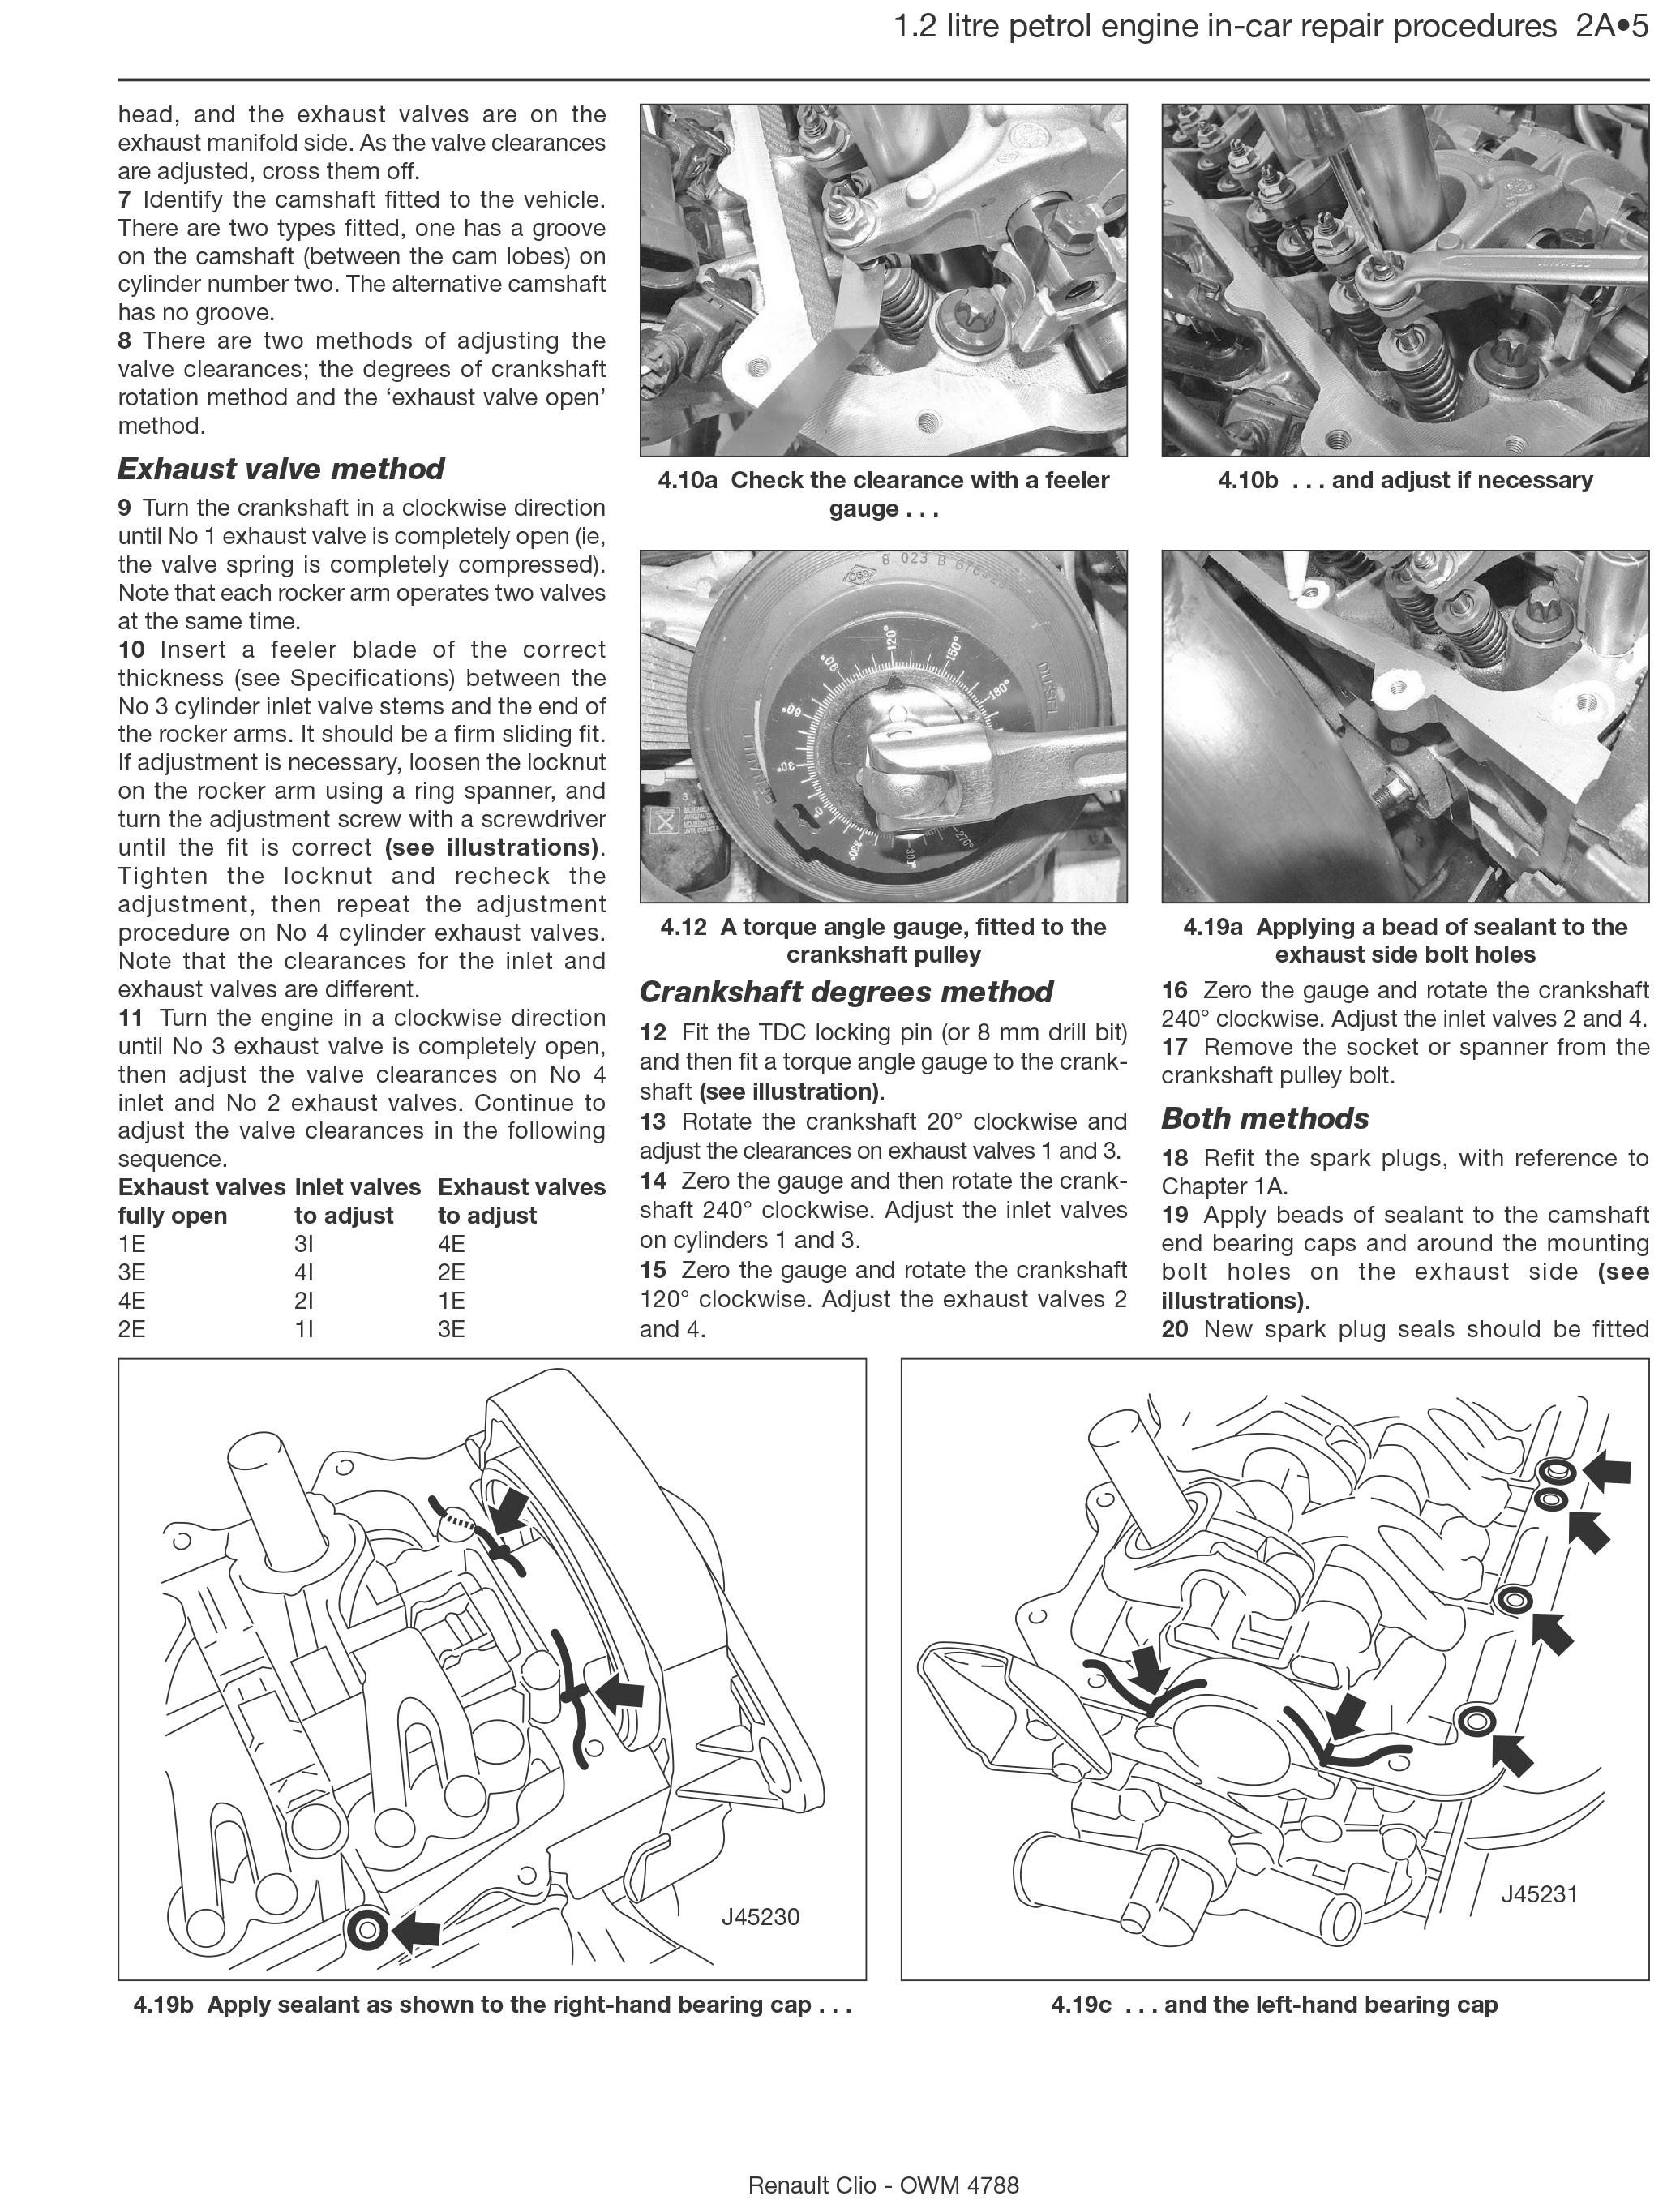 Renault Clio Engine Diagram Renault Clio Petrol & Diesel Oct 05 May 09 Haynes Repair Manual Of Renault Clio Engine Diagram